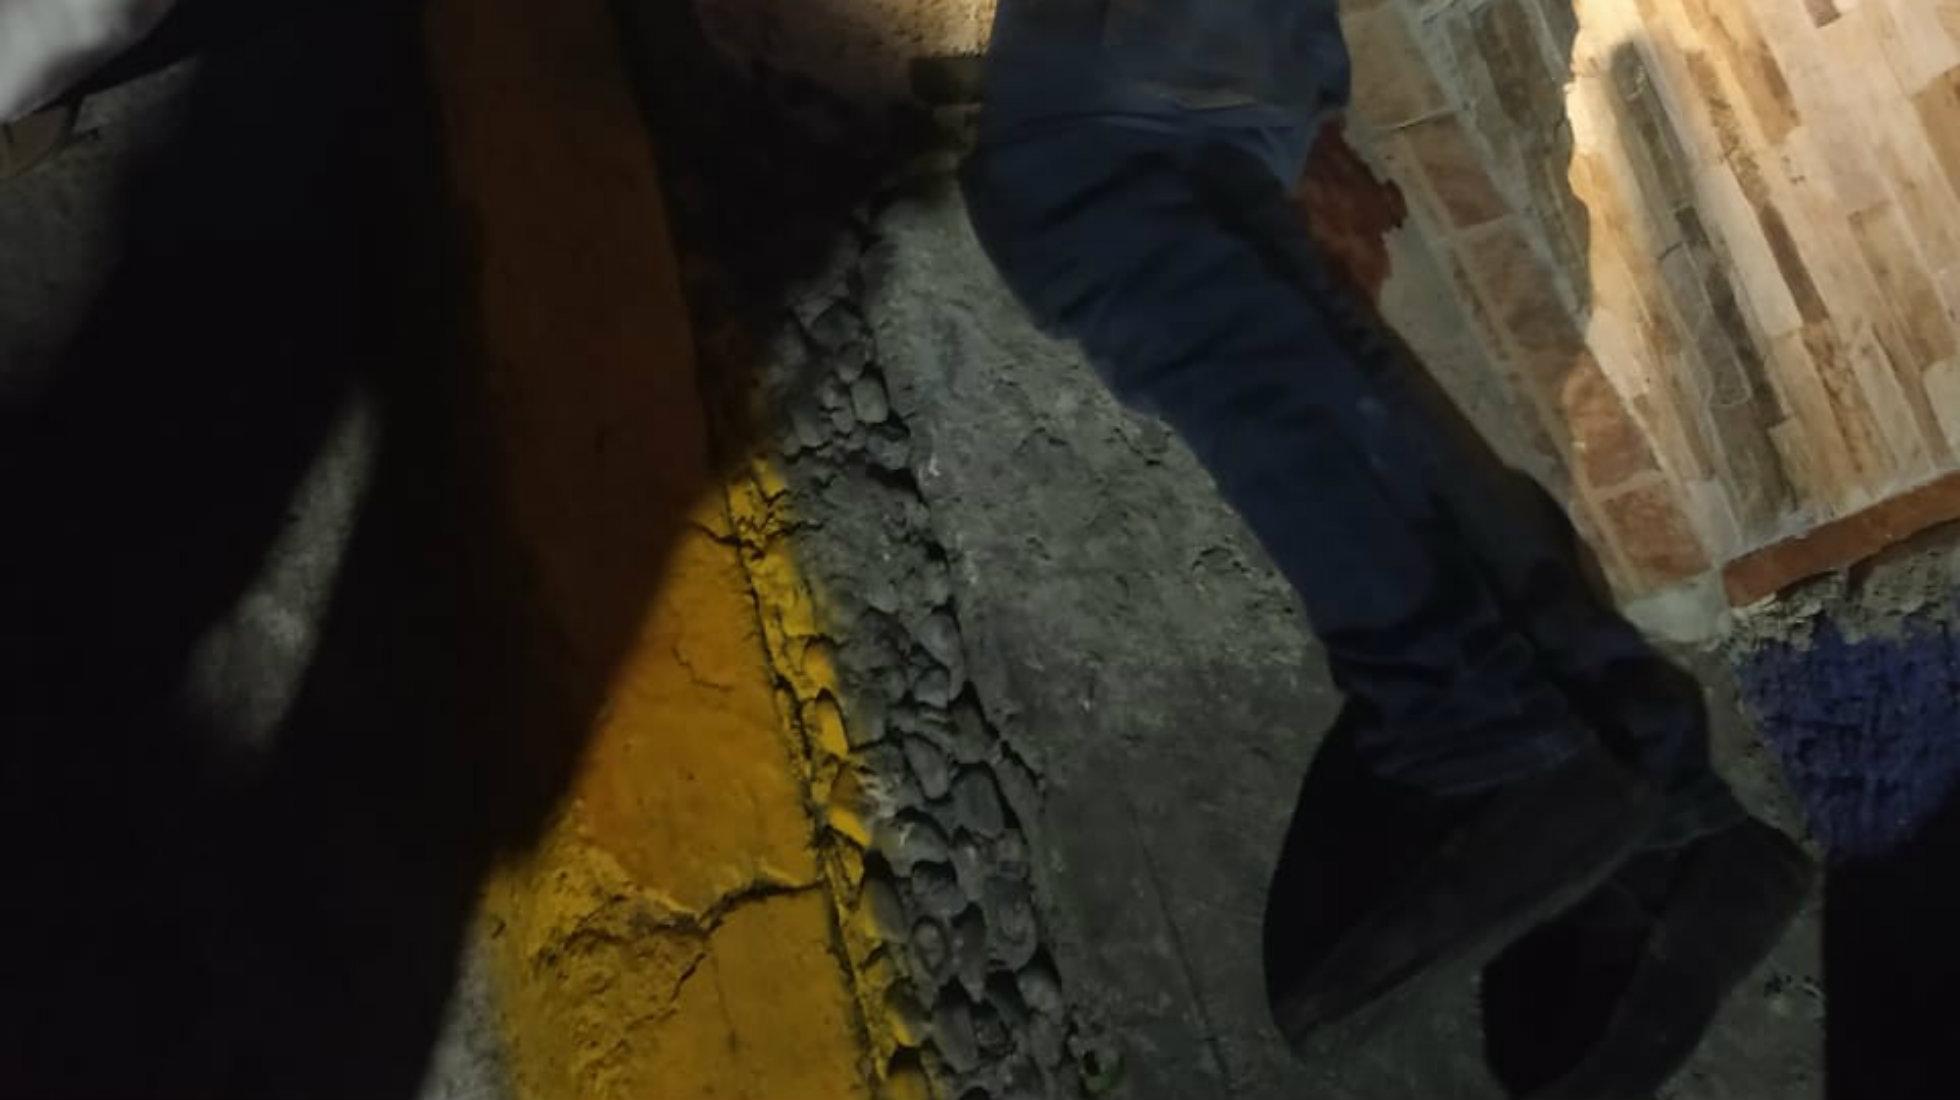 atacan taxista delincuentes asesino base de taxis gam cdmx